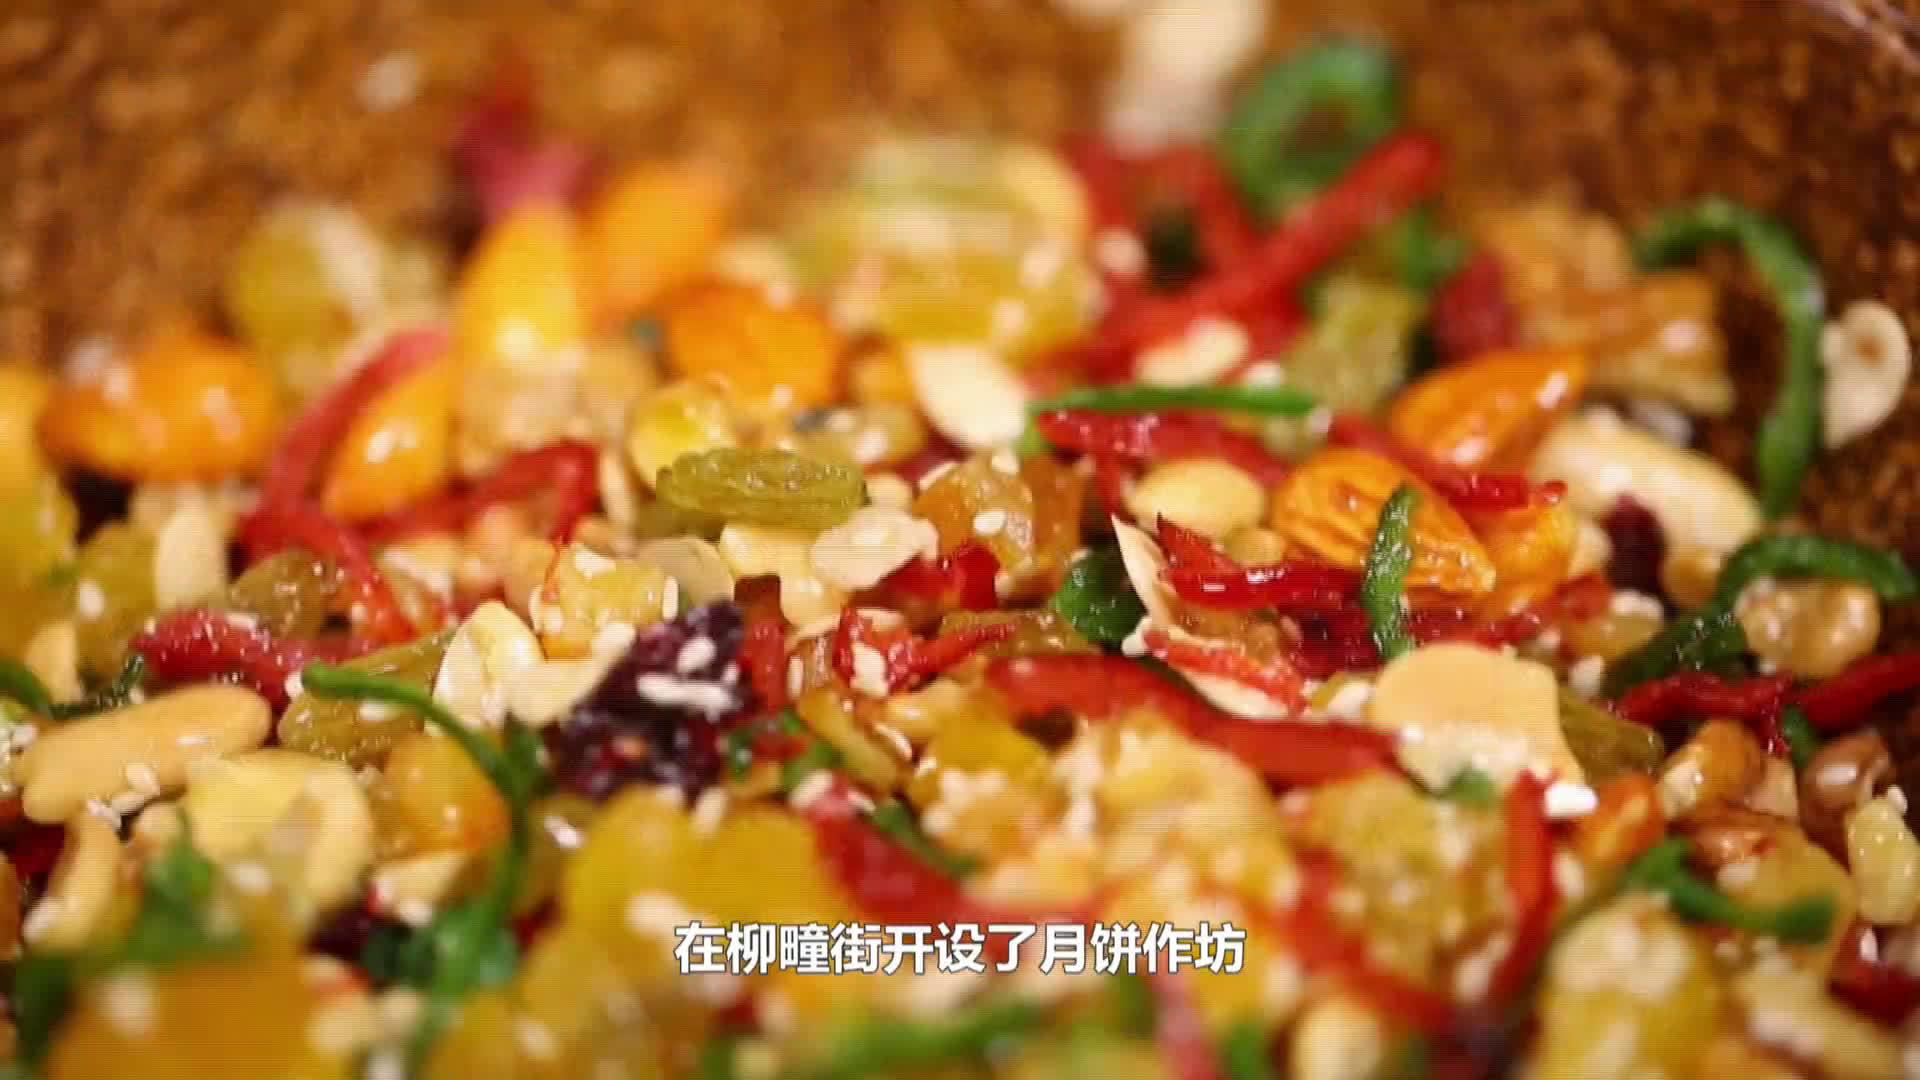 """昌邑柳供月饼即柳疃供销社月饼,又名""""柳疃老月饼""""……"""